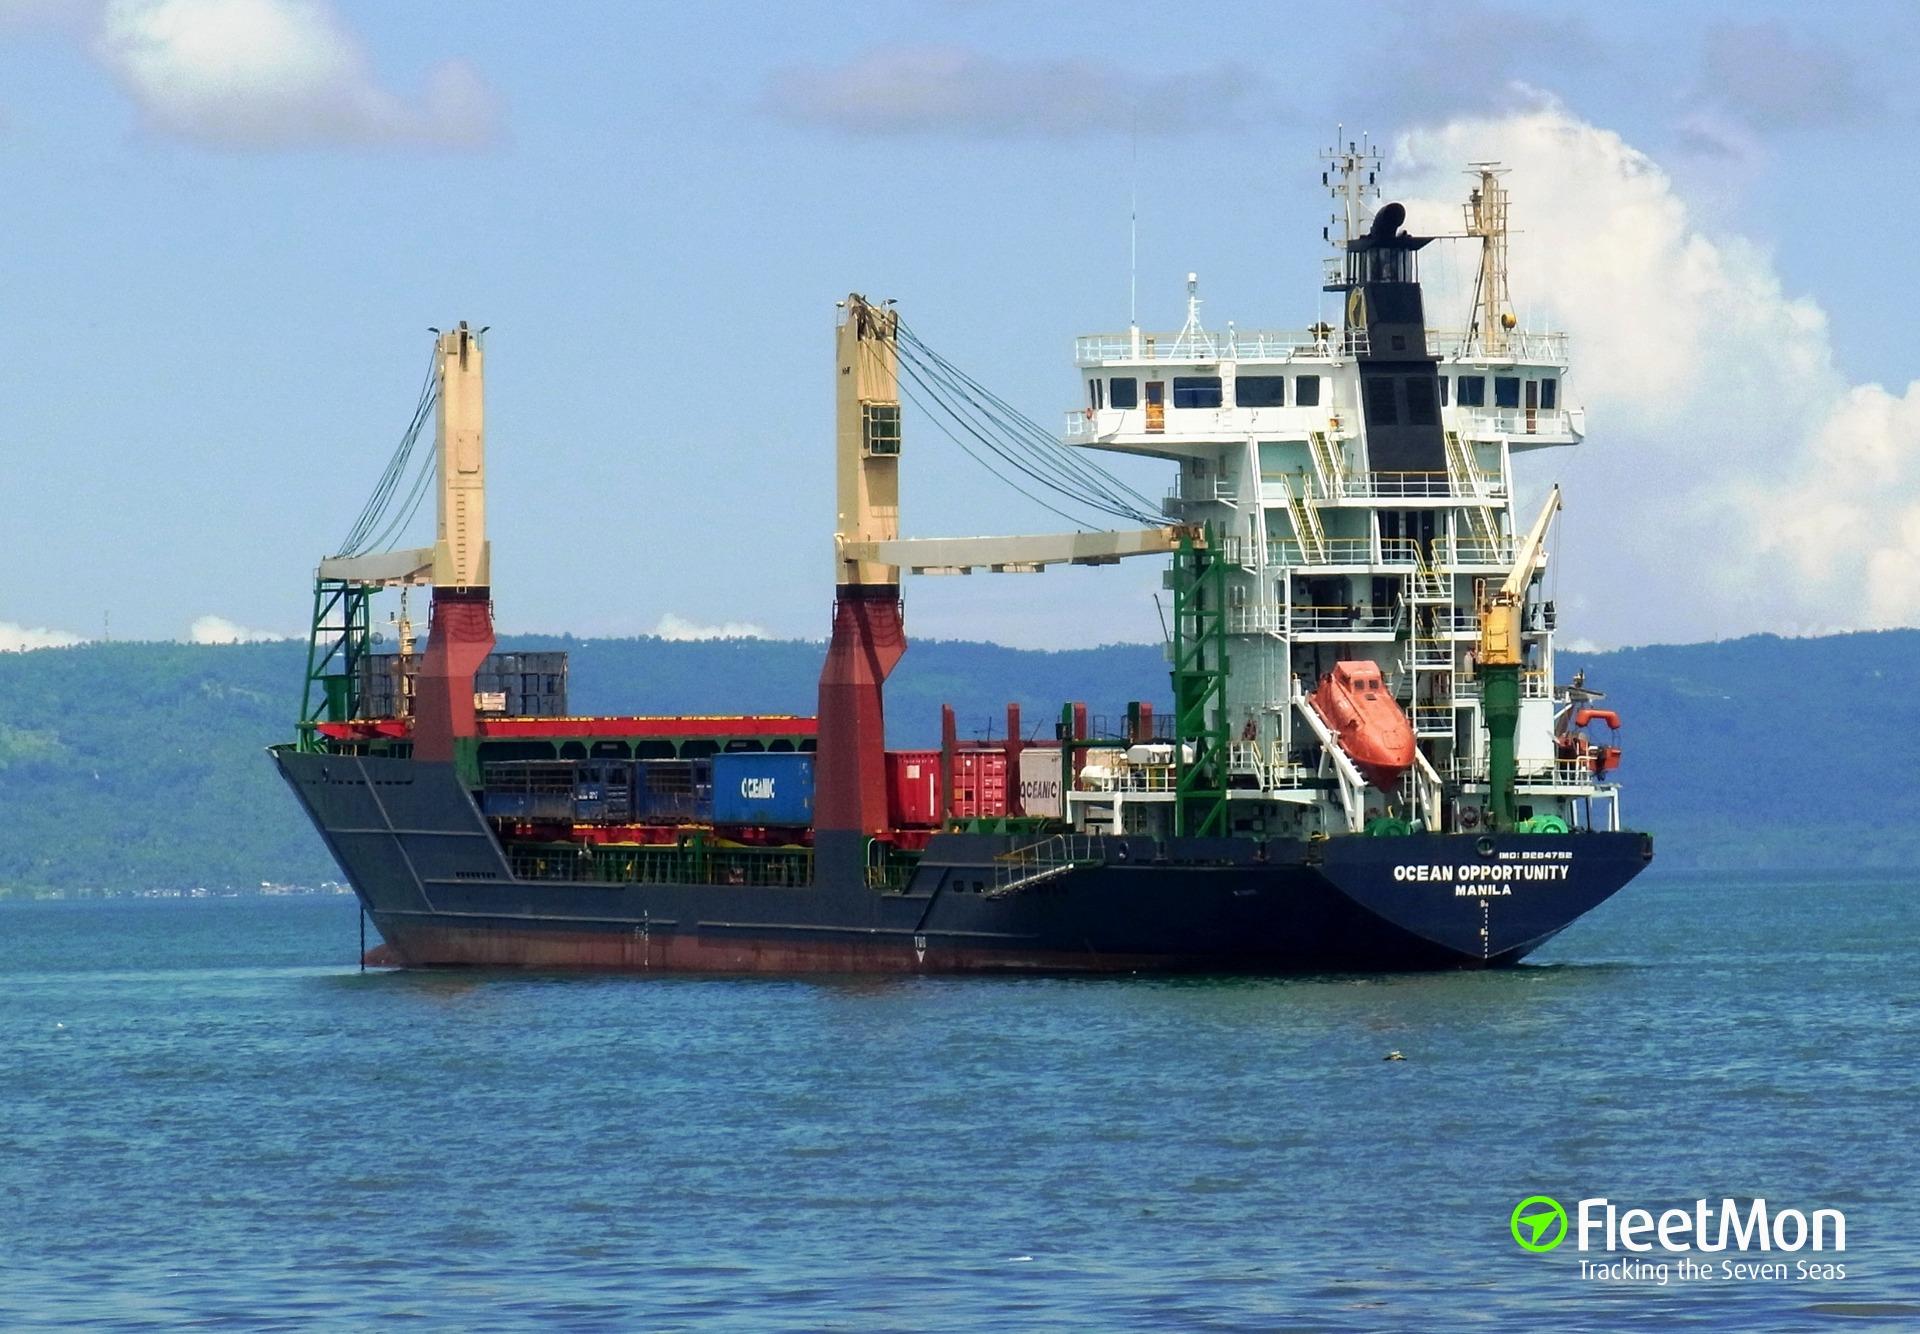 Yolanda grounded boxship Schelde Trader and two barges, Cebu